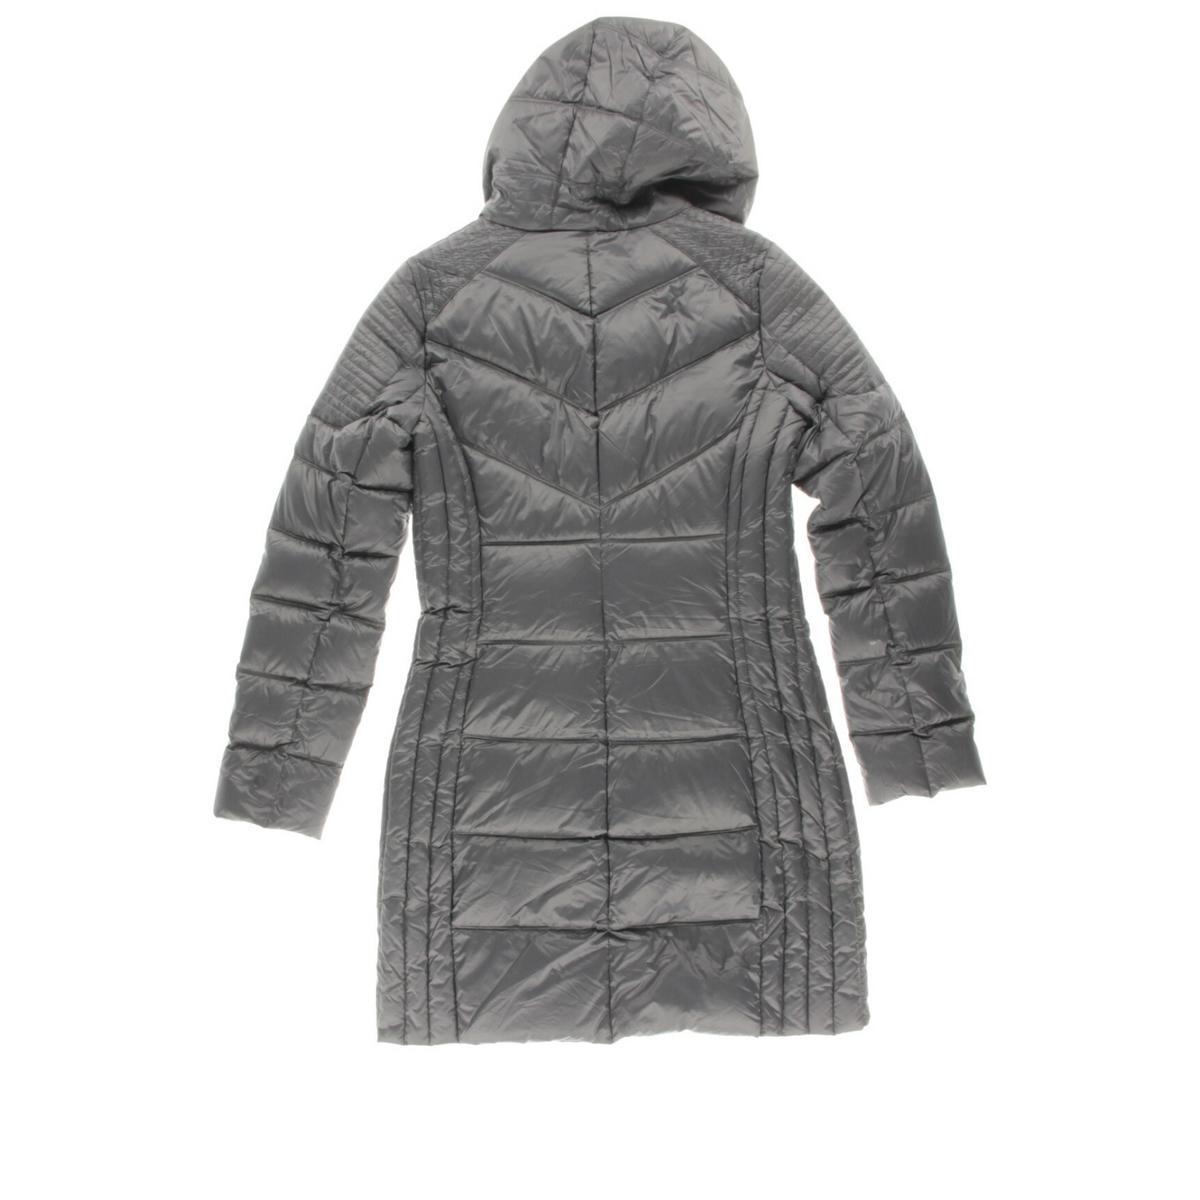 Bcbgeneration 7799 Womens Down Lightweight Packable Coat